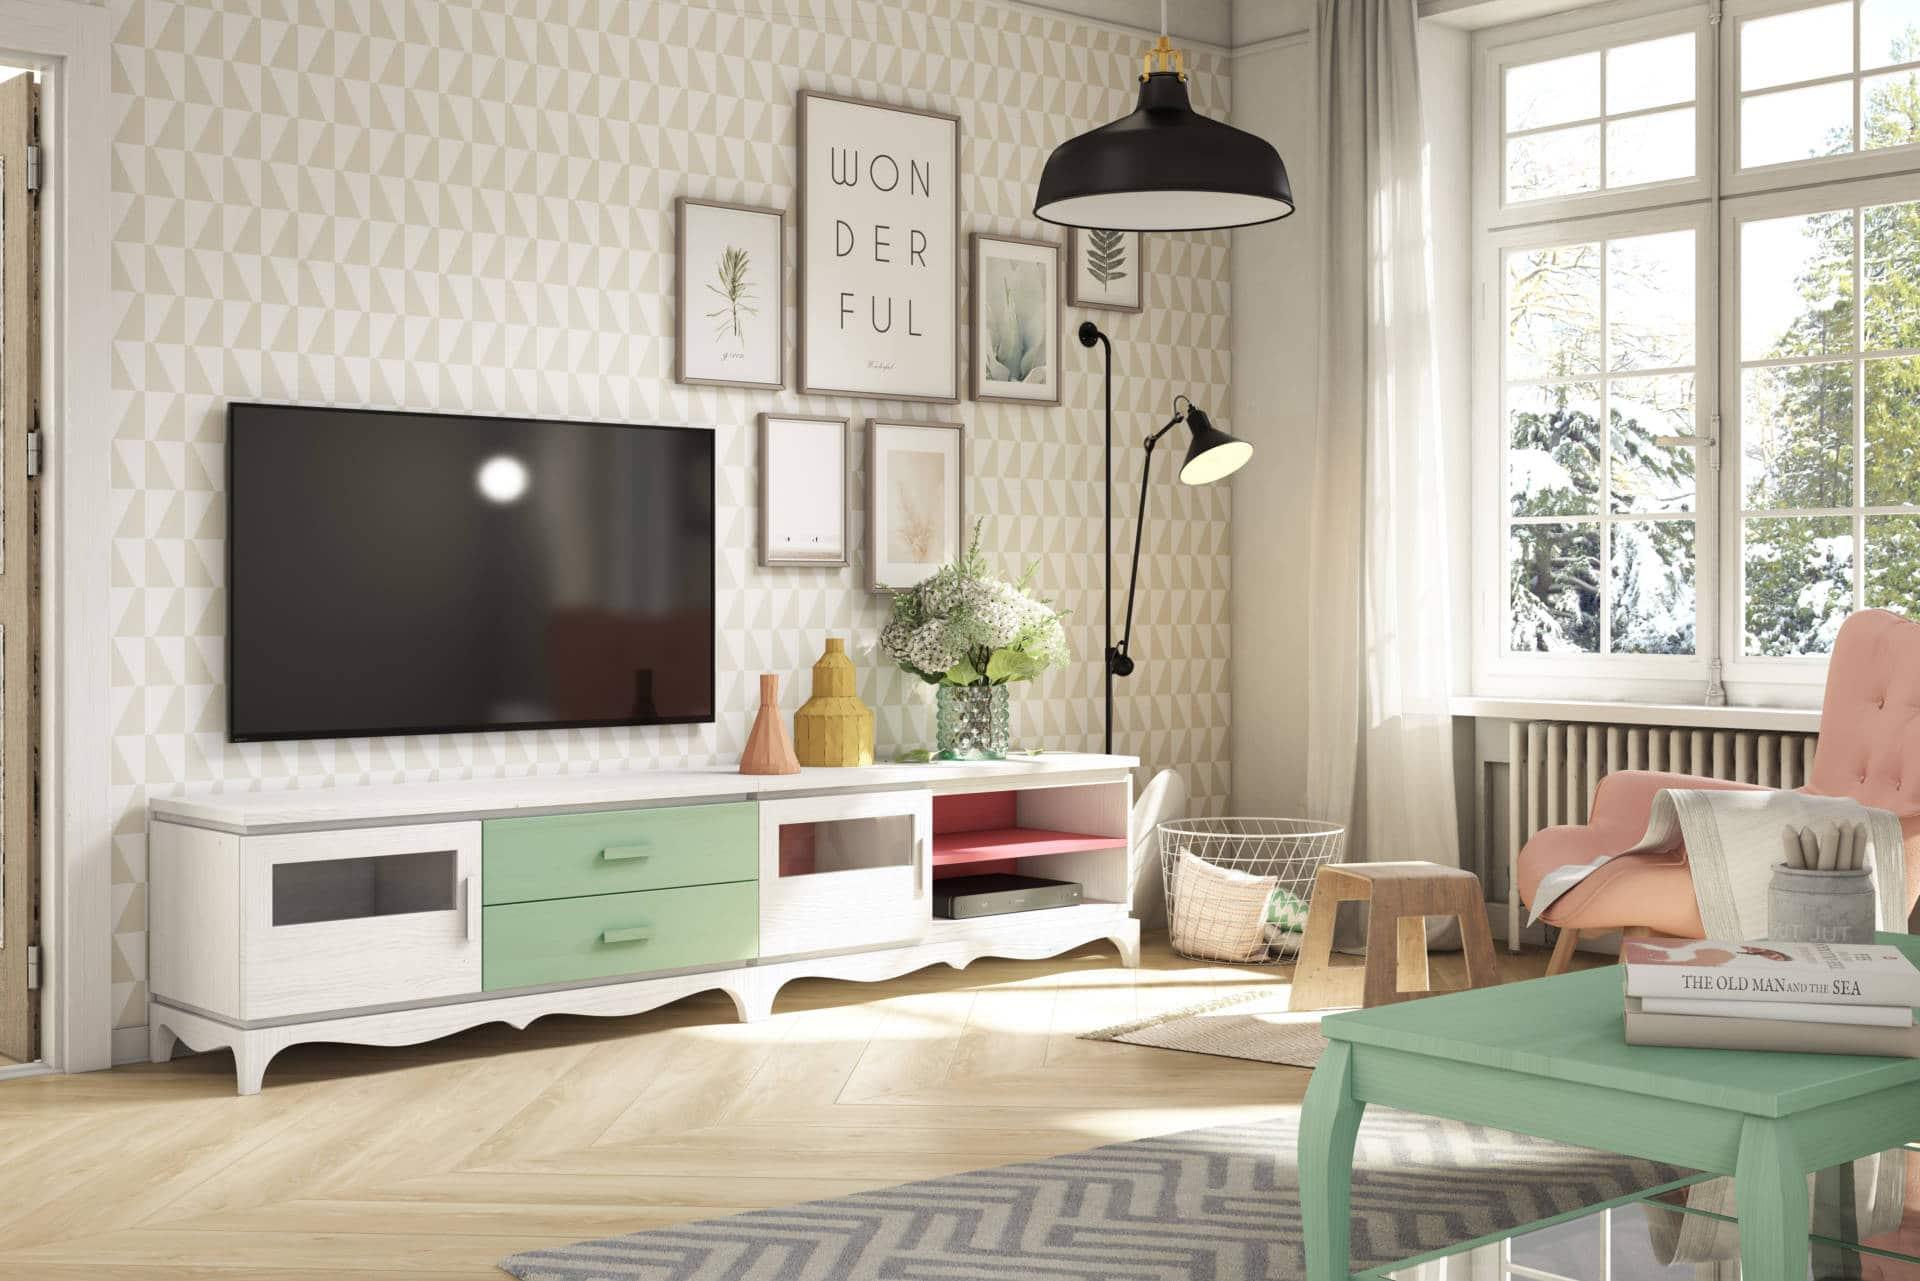 Muebles de sal n r sticos en zaragoza r stica ambientes for Muebles de salon rusticos modernos